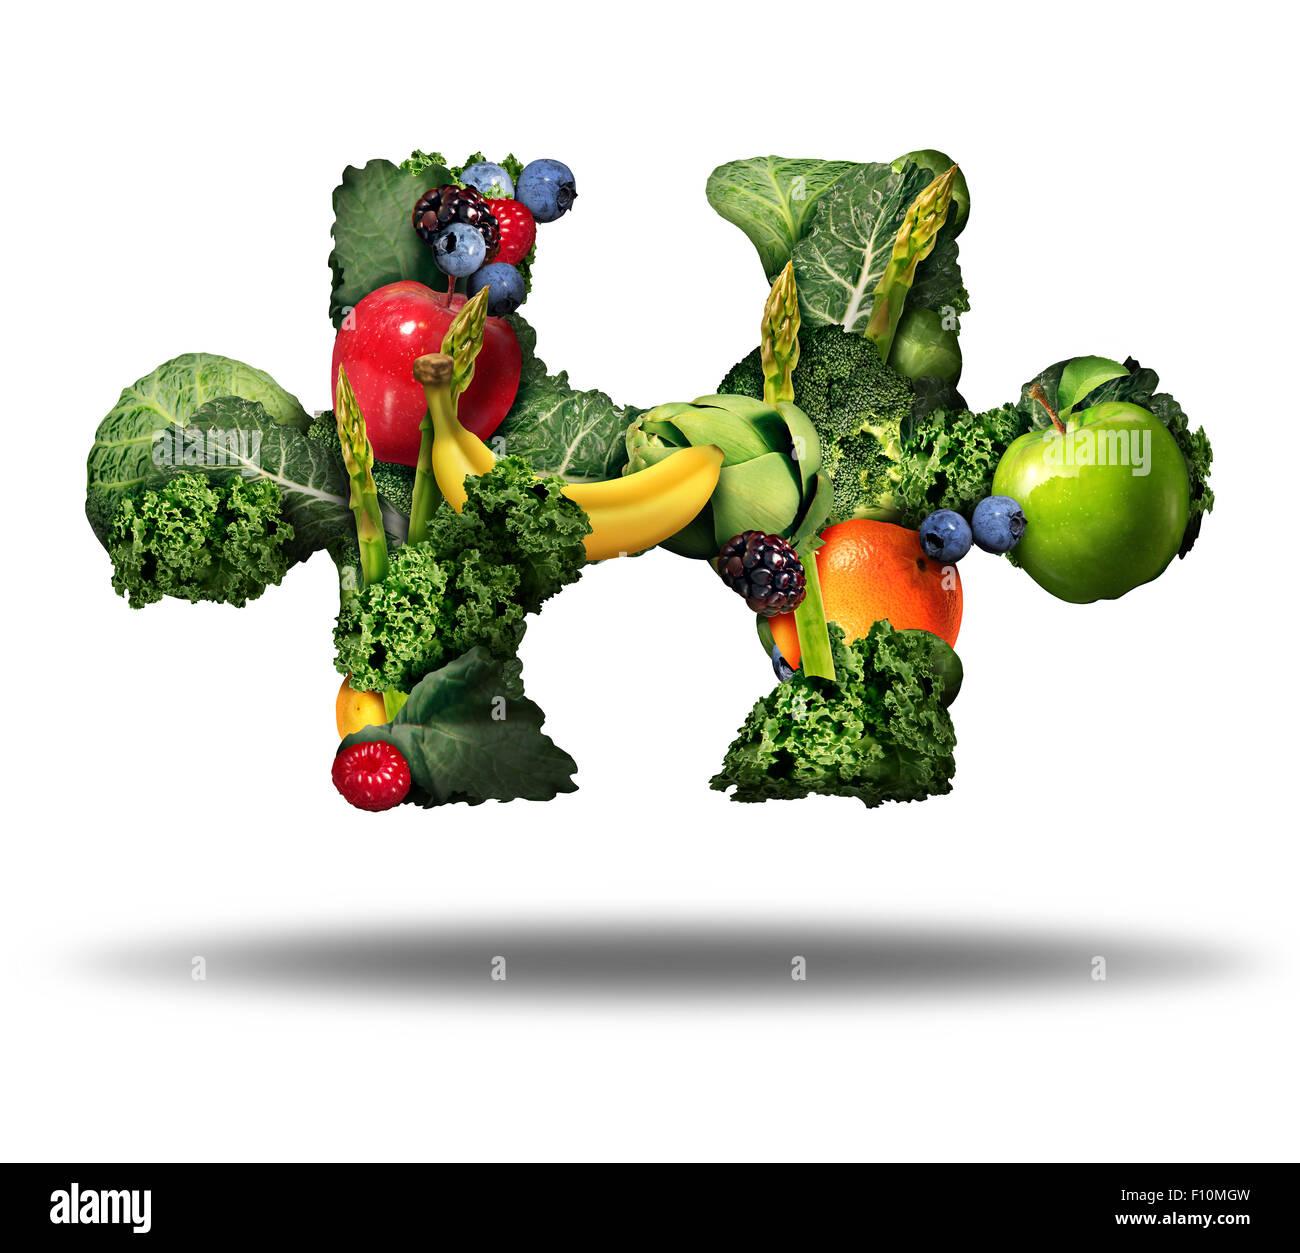 Gesunde Ernährung-Lösung und Essen frisches Obst und Gemüse-Symbol als Rohwaren, geformt wie ein Stockbild